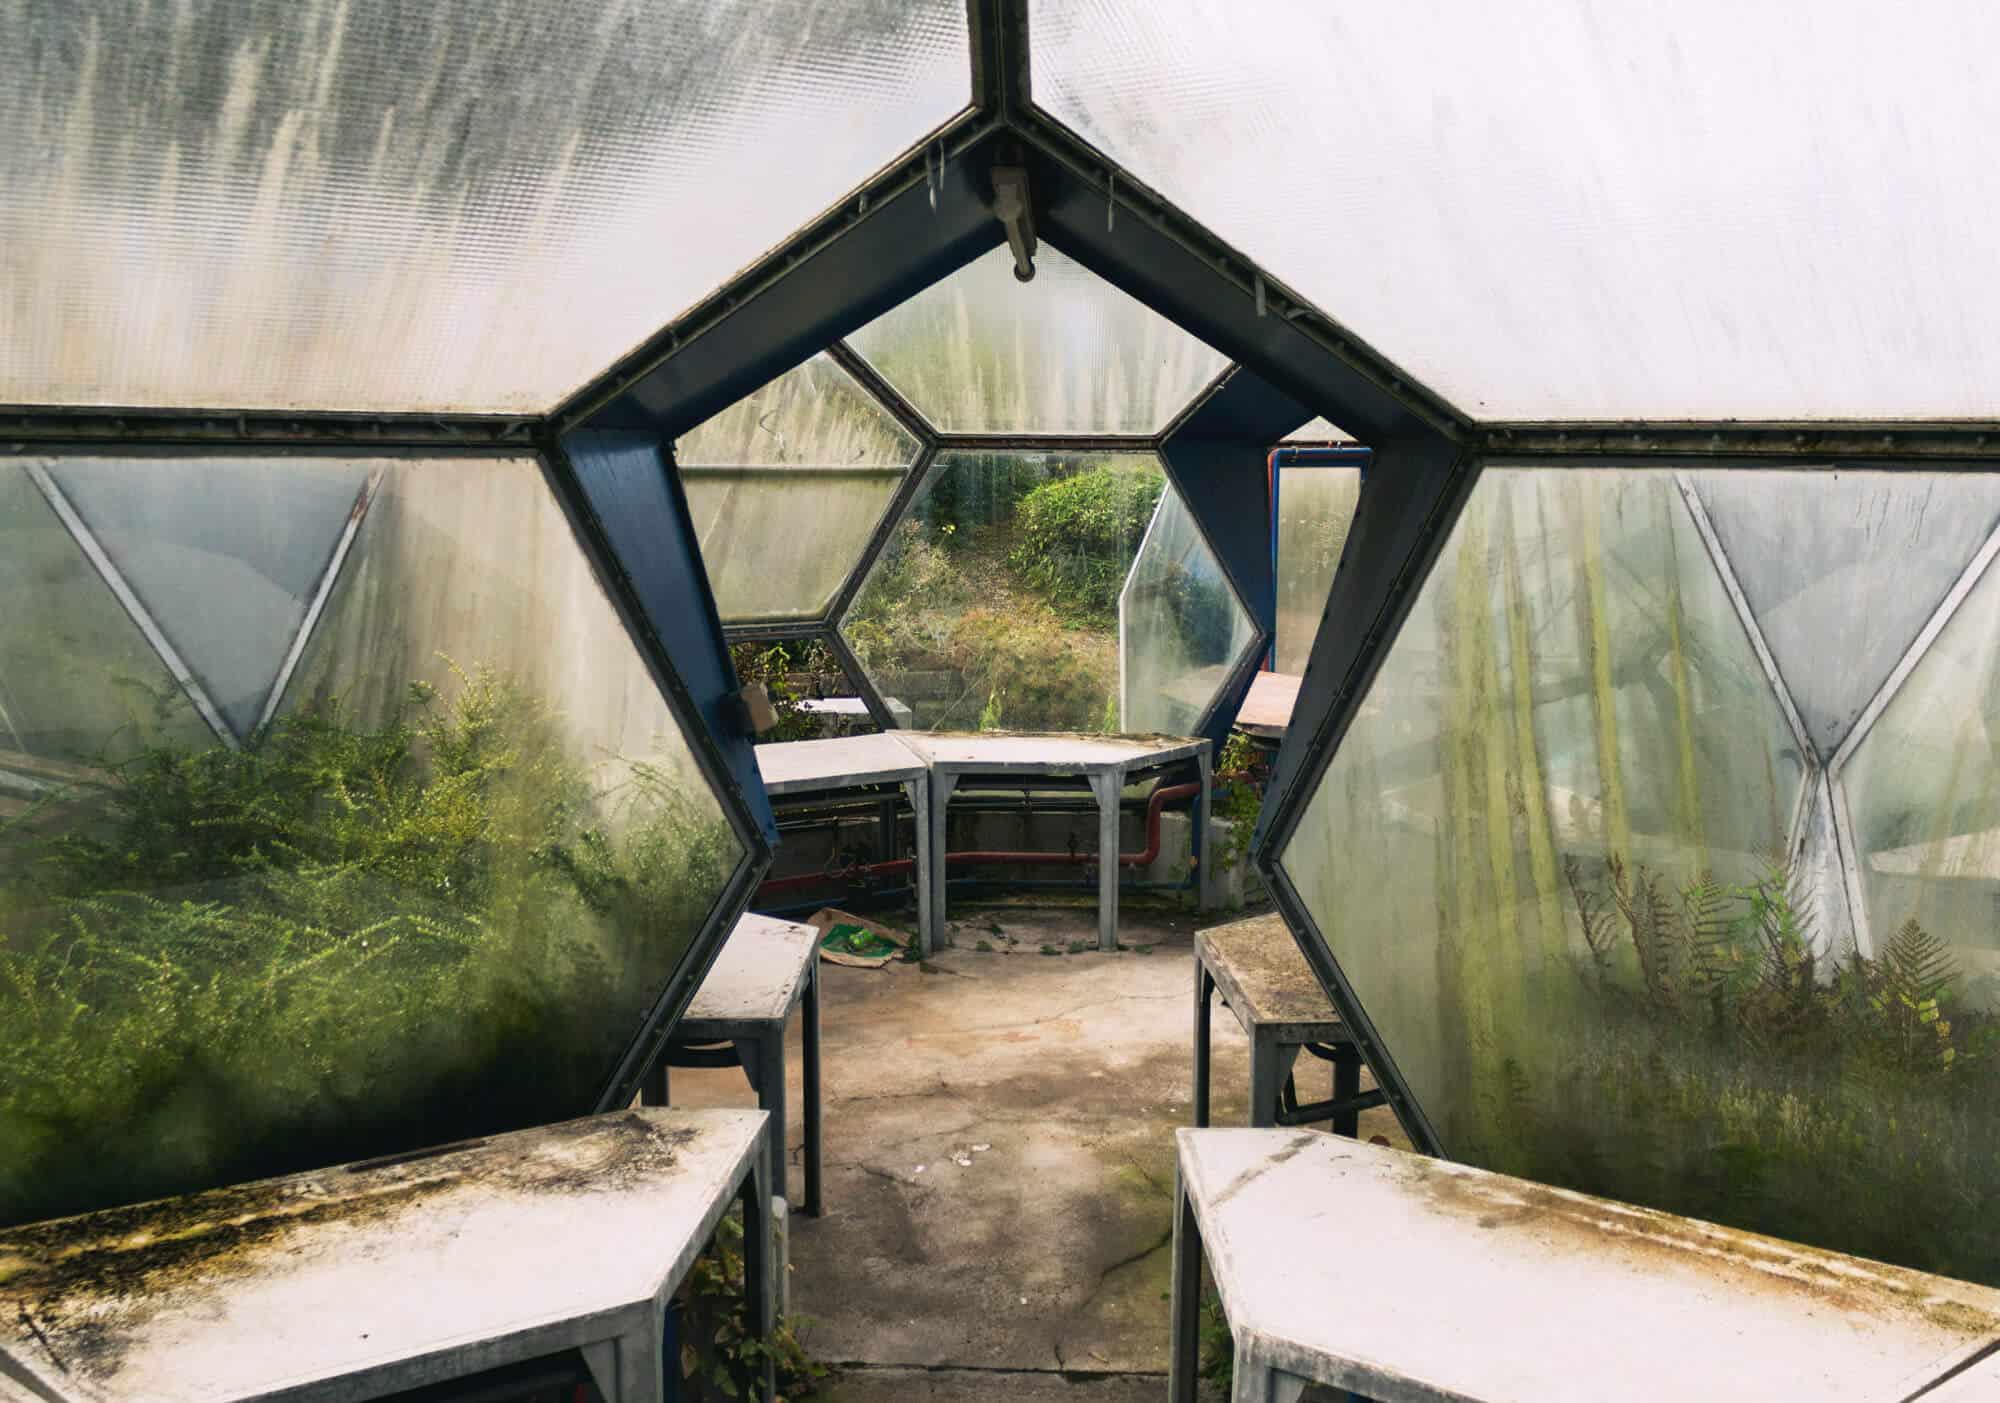 Kuppelgewächshaus von innen